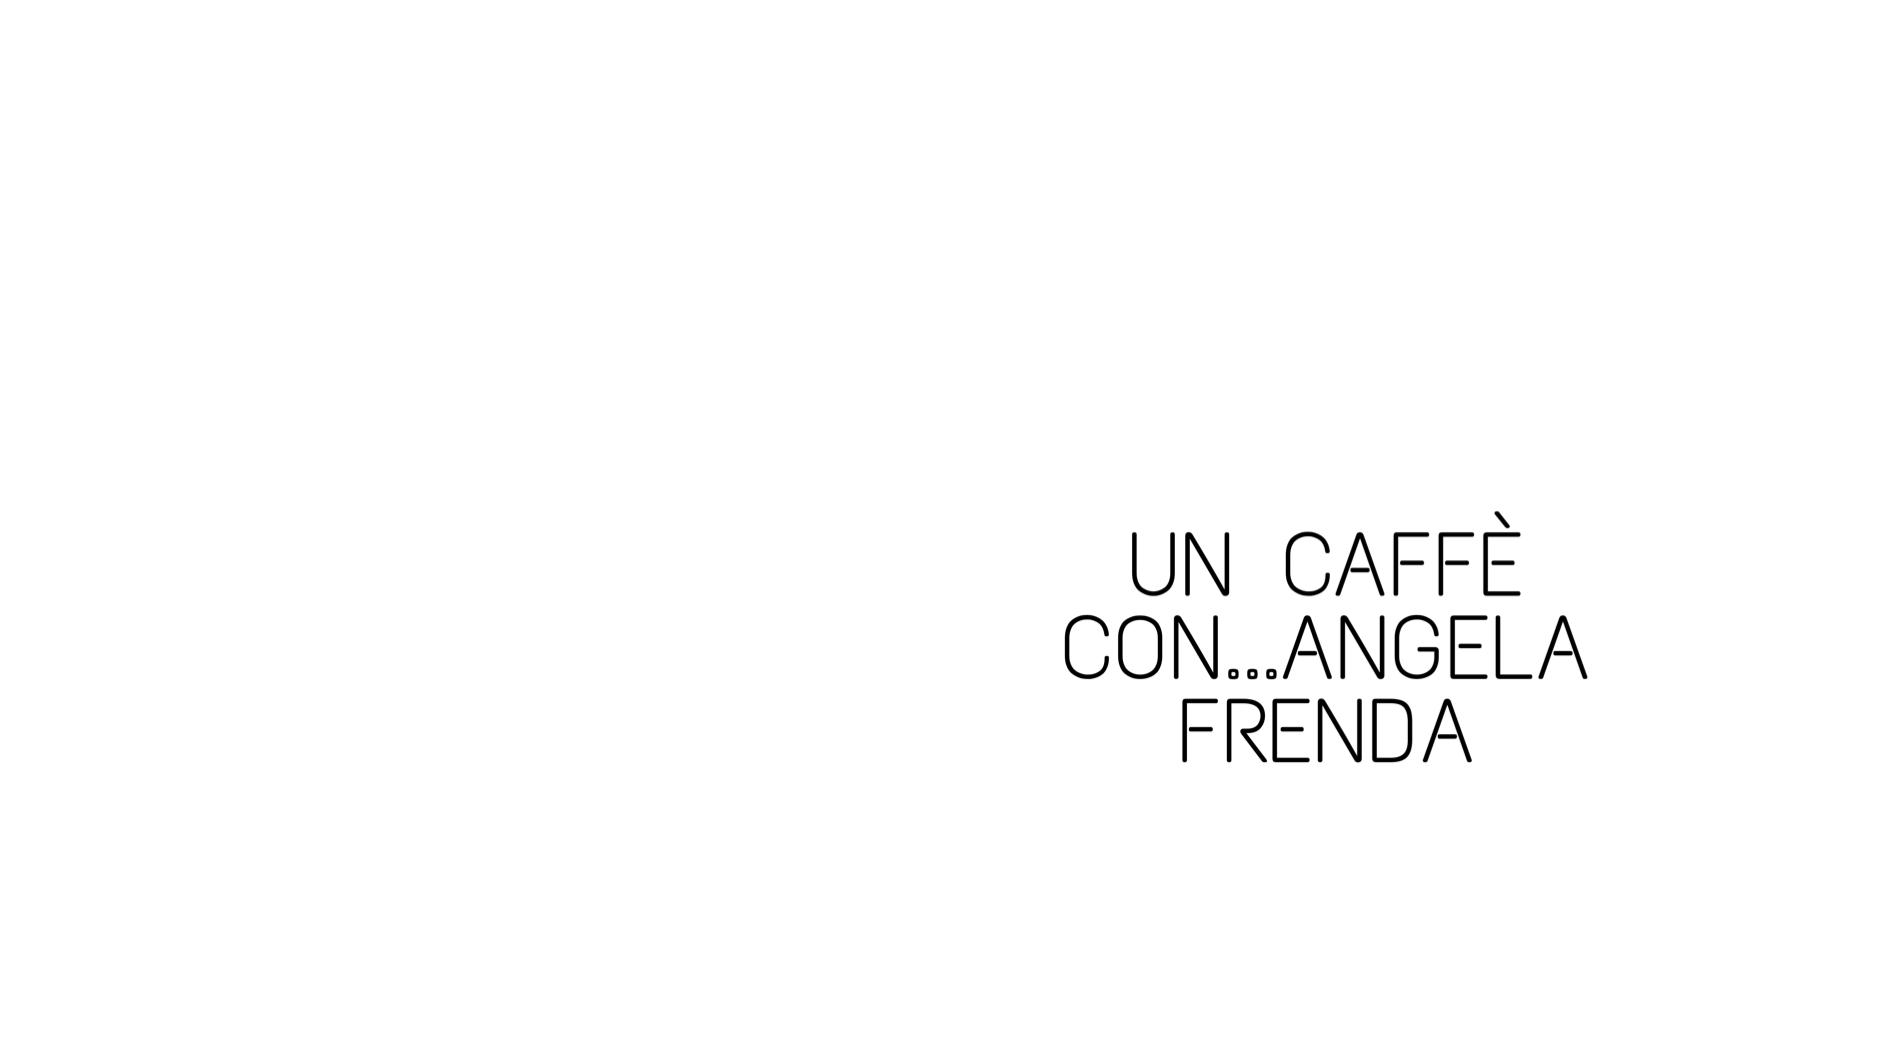 Un caffè con: Carolina Vergnano dialoga con Angela Frenda